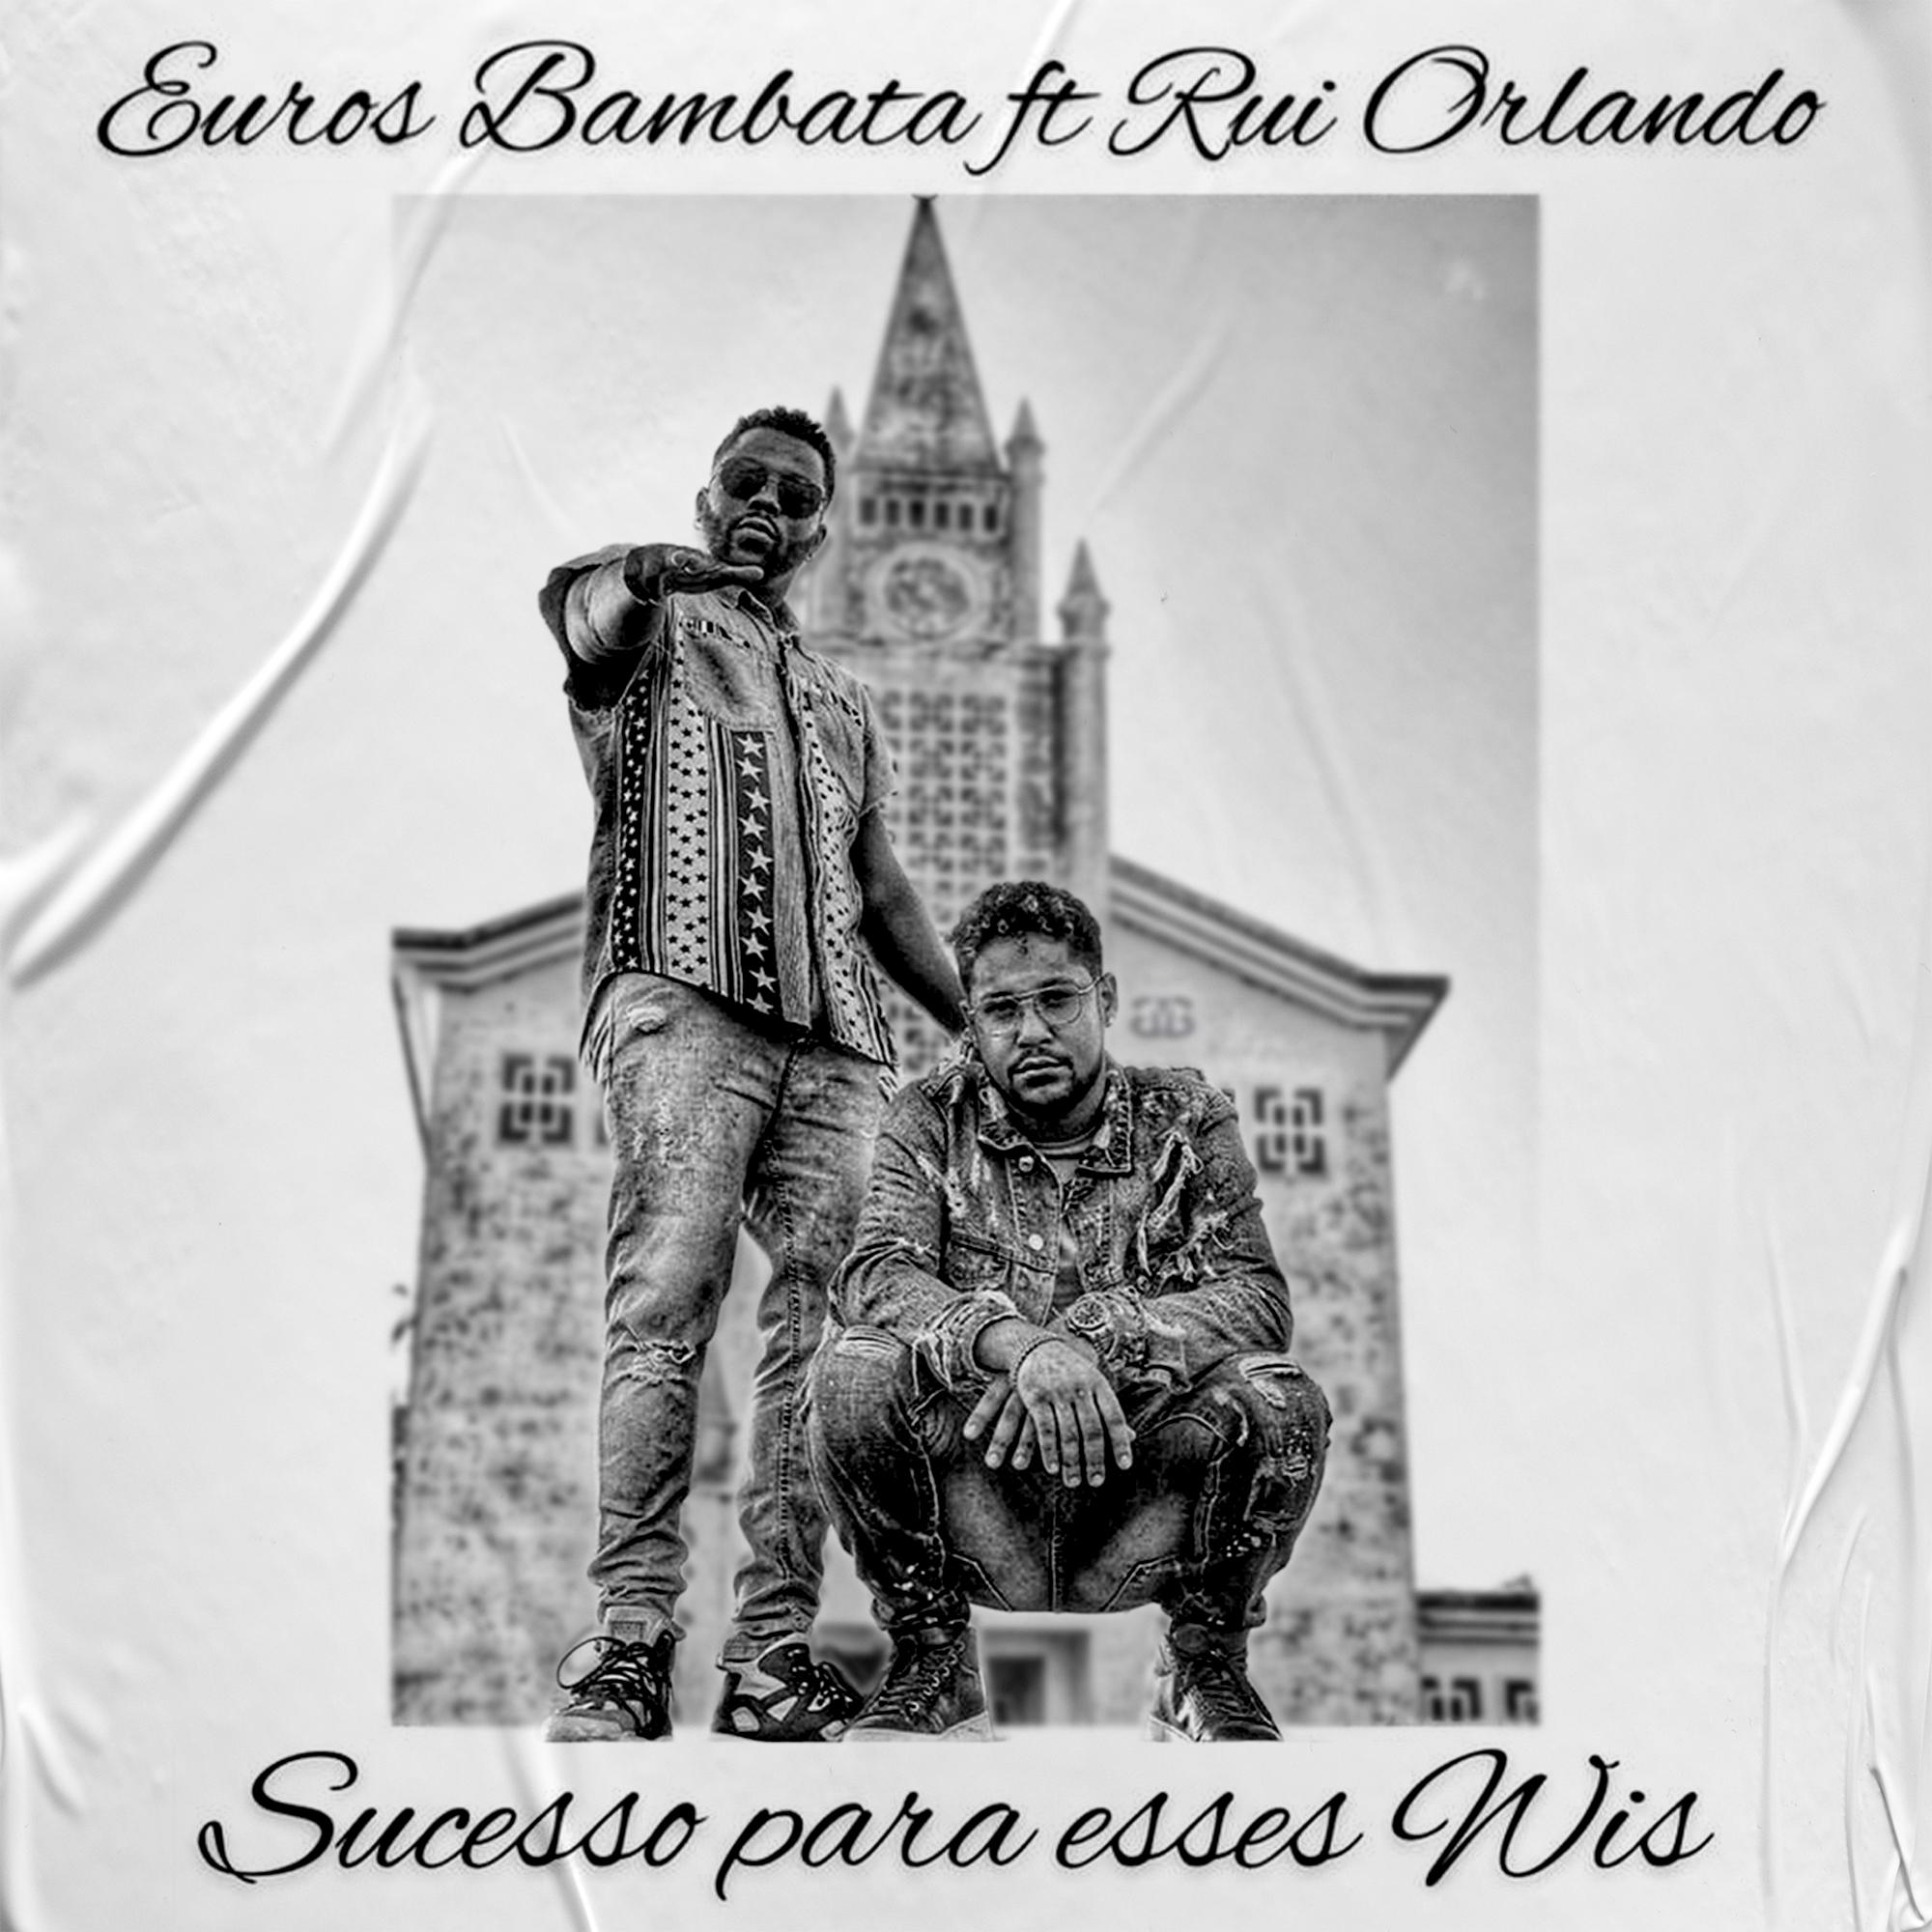 Sucesso Para Esses Wis: Euros Bambata traz participação de Rui Orlando em novo single